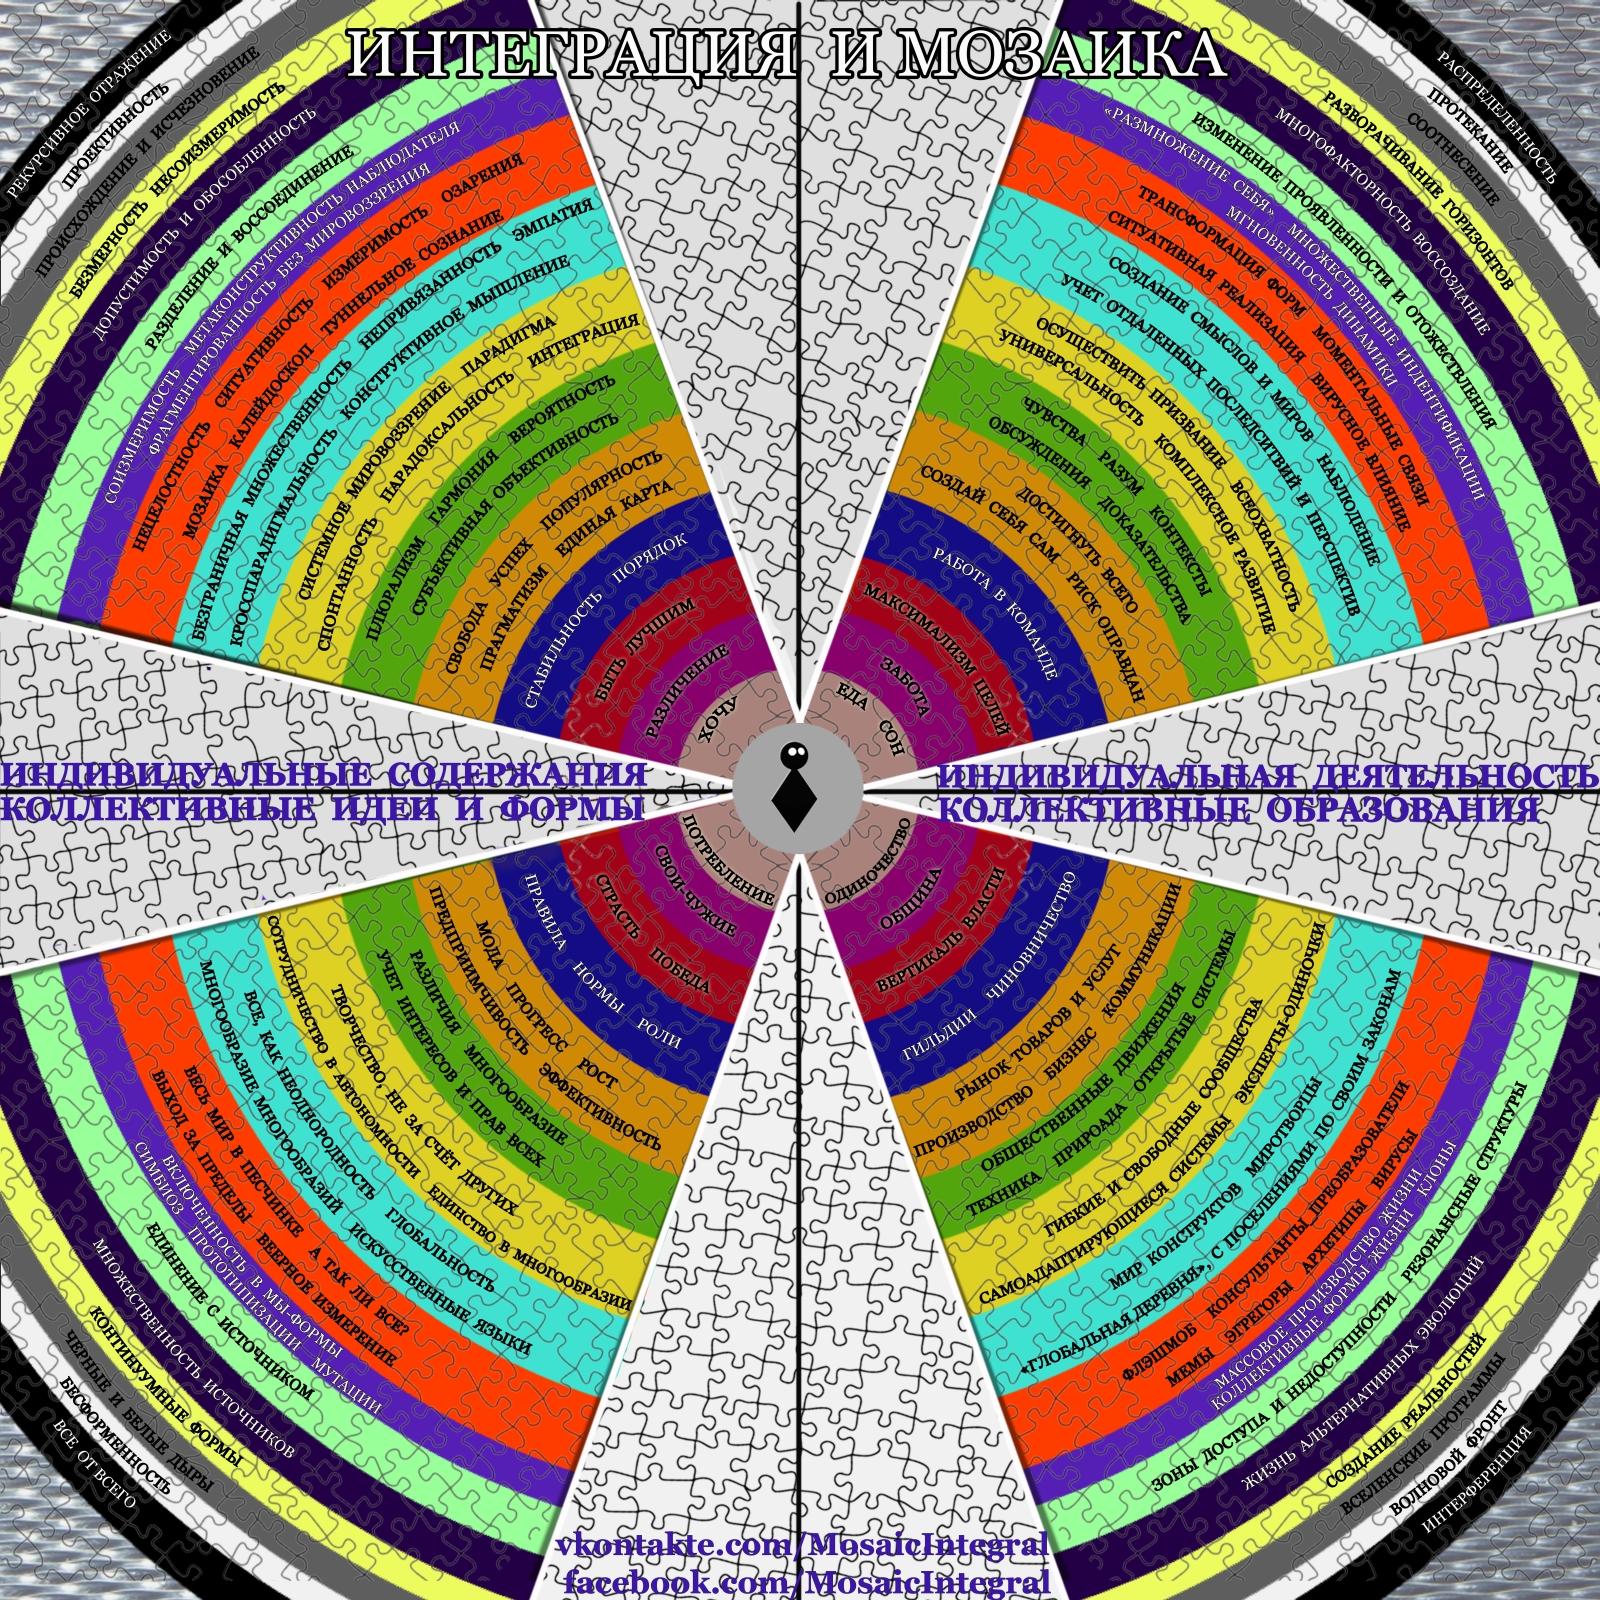 интегральный подход - мозаичный подход: деятельность